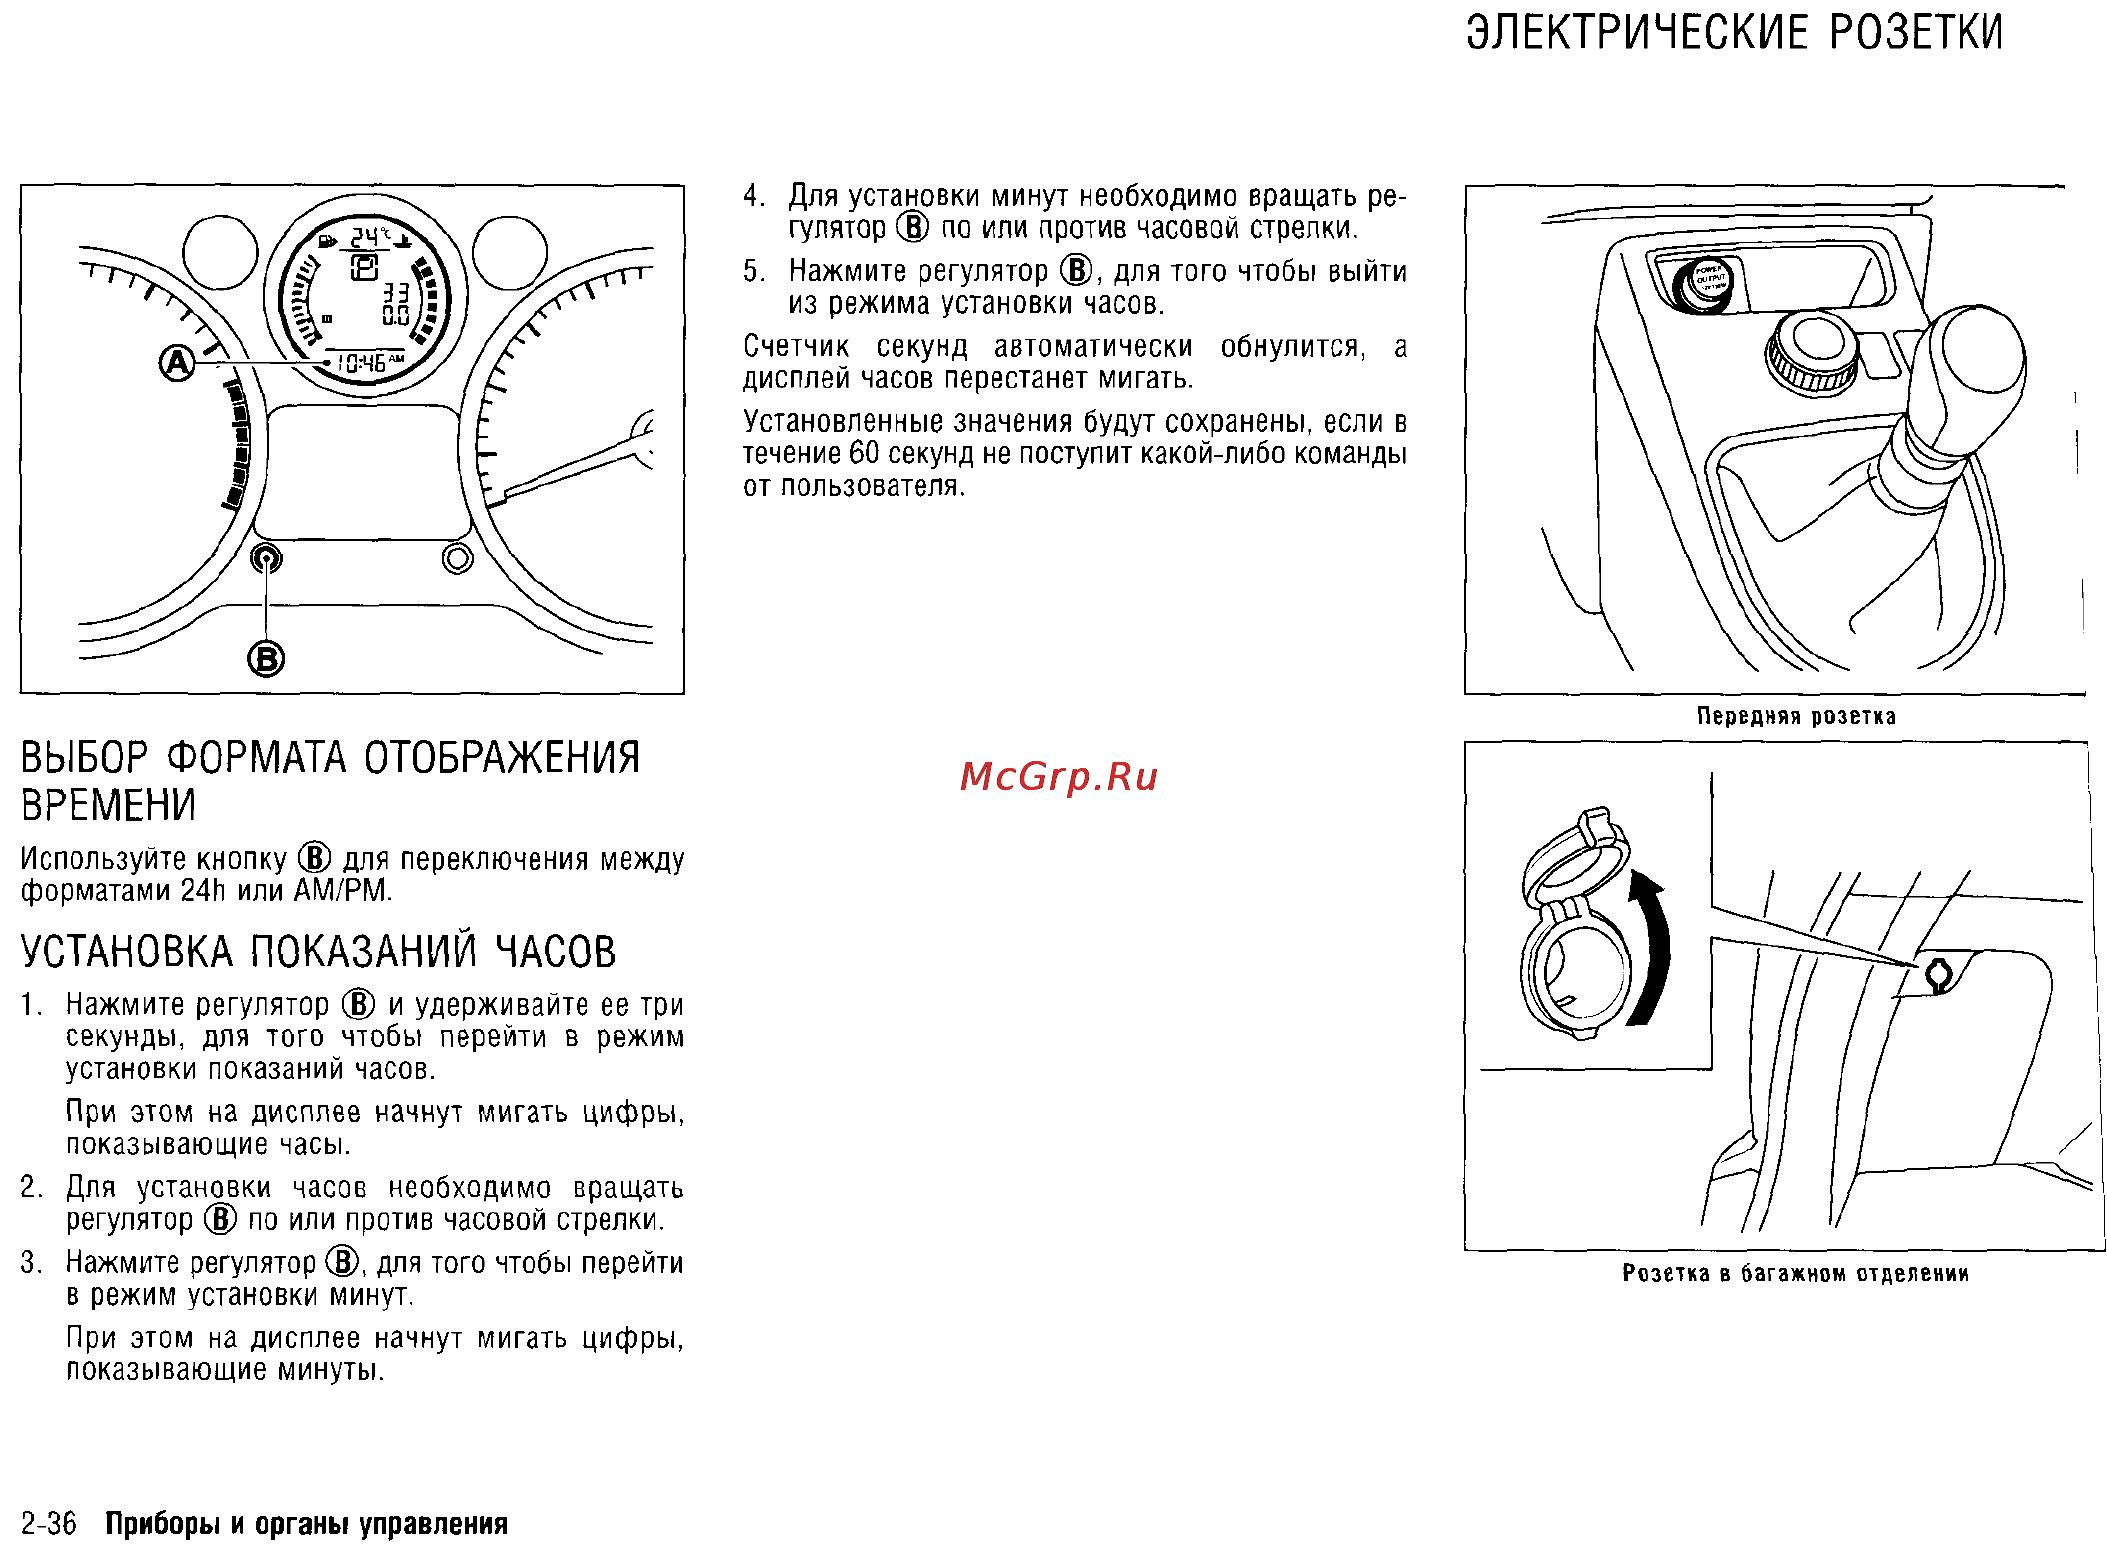 Функция «Проводи до дома» Nissan X-Trail II и способ ее активации